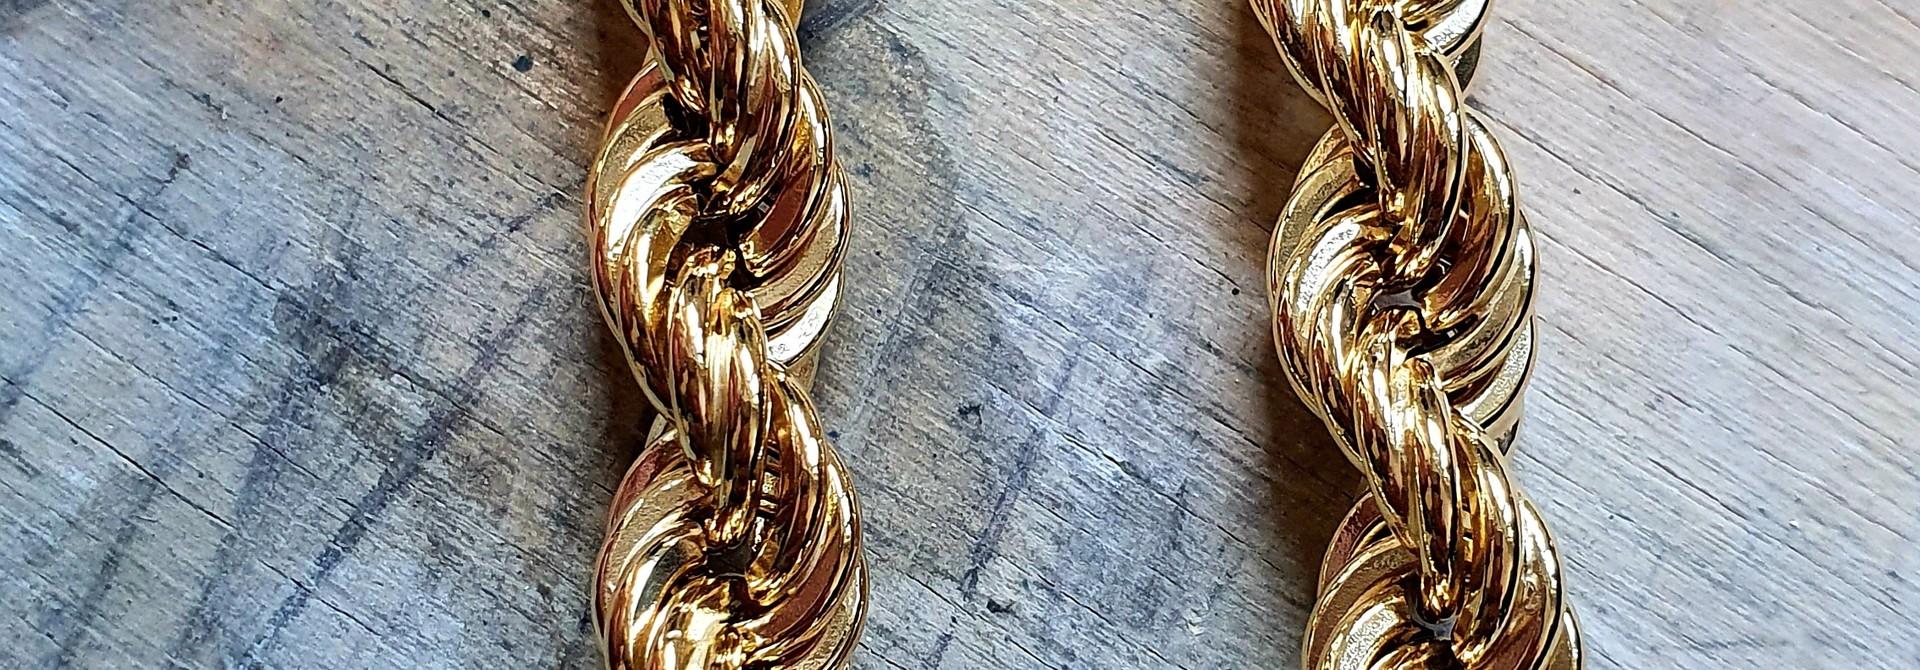 Rope chain Nederlands goud 14kt 9 mm